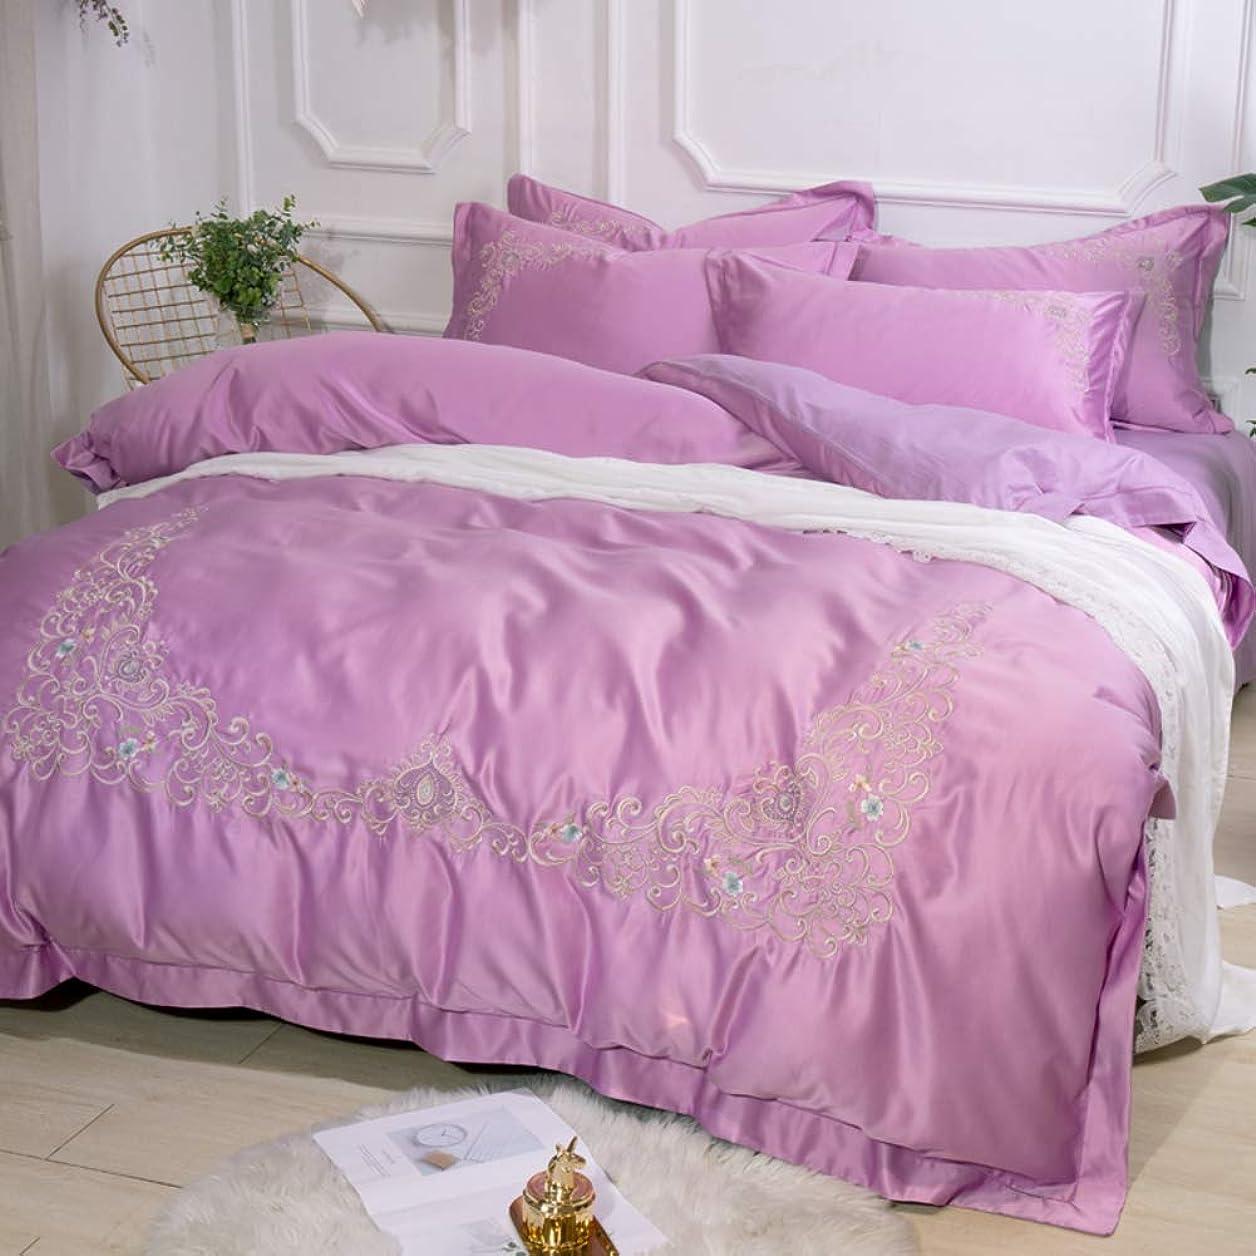 昼寝生態学植物学シルク 刺繍 綿サテン 寝具カバーセット, 4 ピース ジャカード ソフト 快適 綿 夏 クールな 肌-フレンドリー 寝具ベッド ファスナー付け-v